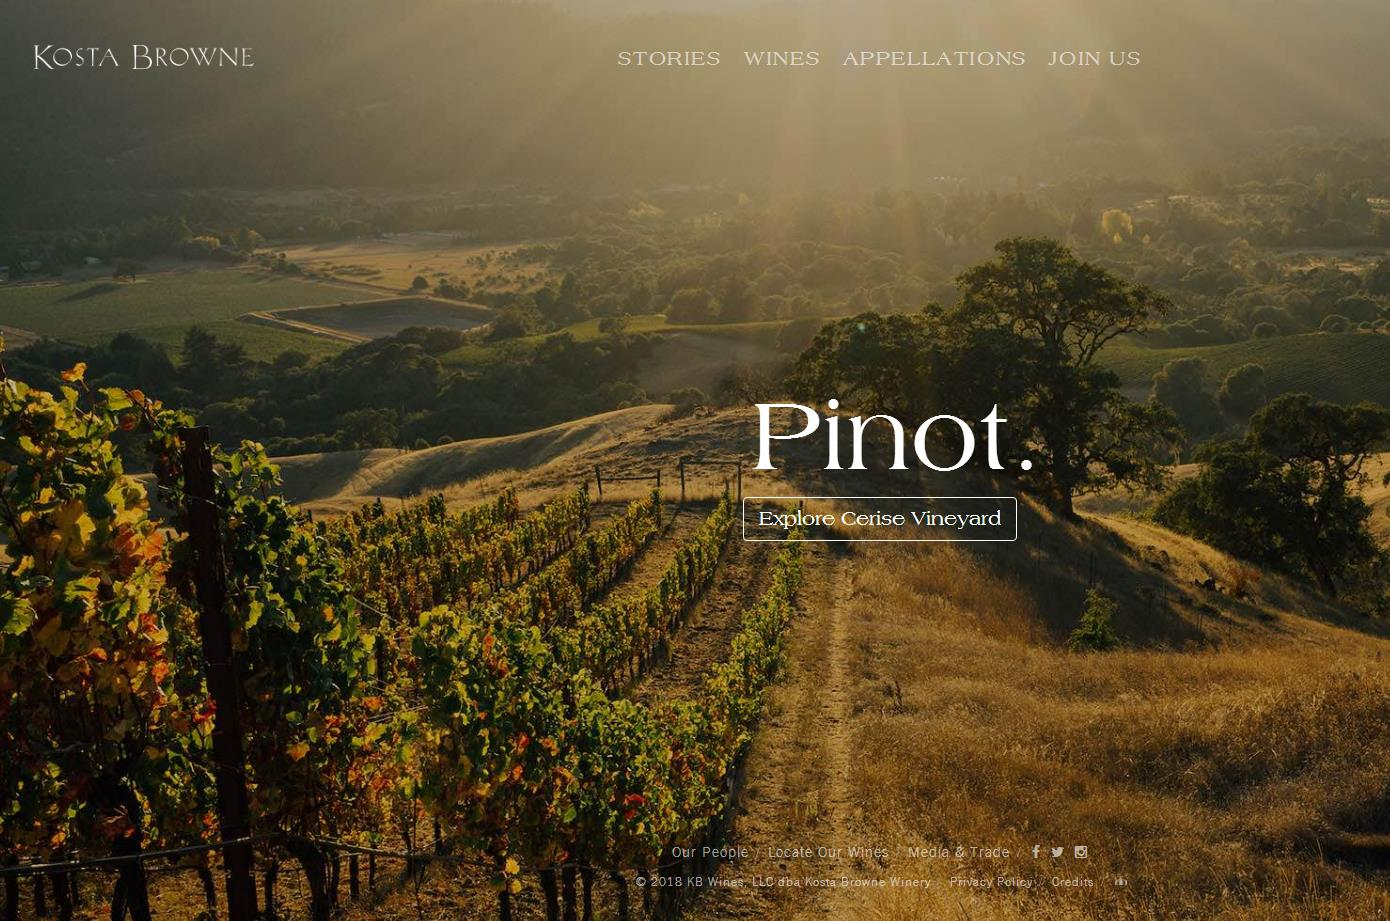 私募基金 TSG 旗下葡萄酒集团 Duckhorn 收购加州知名葡萄酒庄园 Kosta Browne